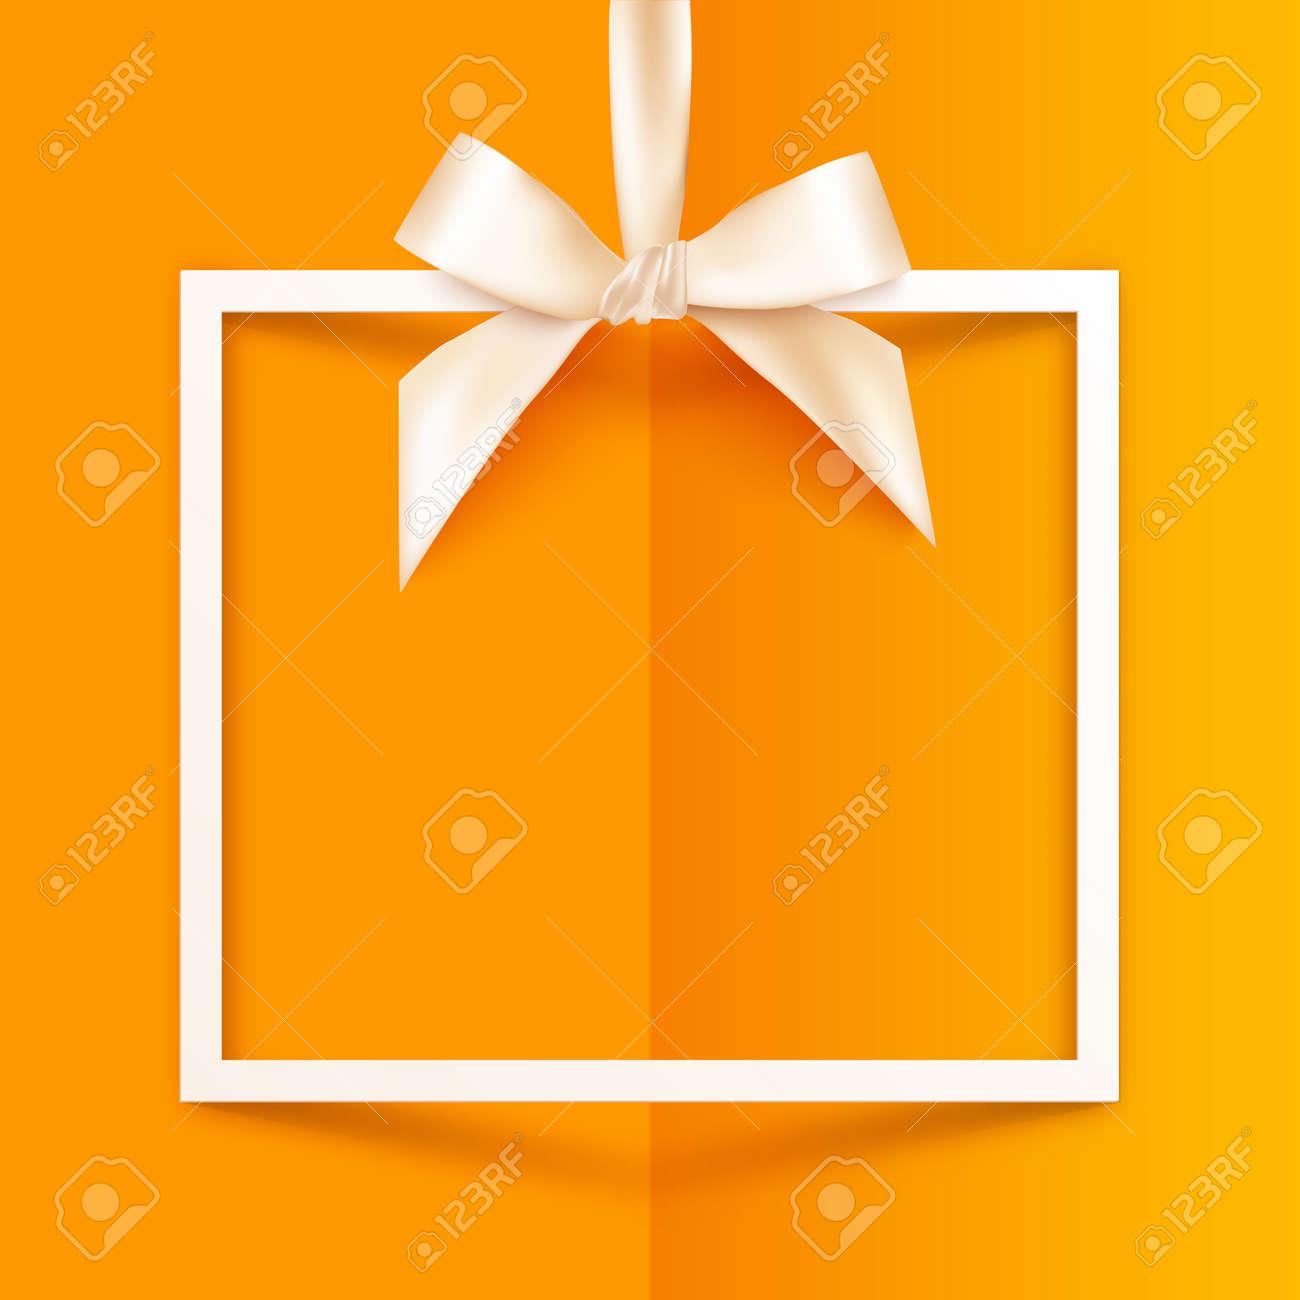 Weiß-Vektor-Geschenk-Box-Rahmen Mit Seidigen Bug Und Farbband Auf ...